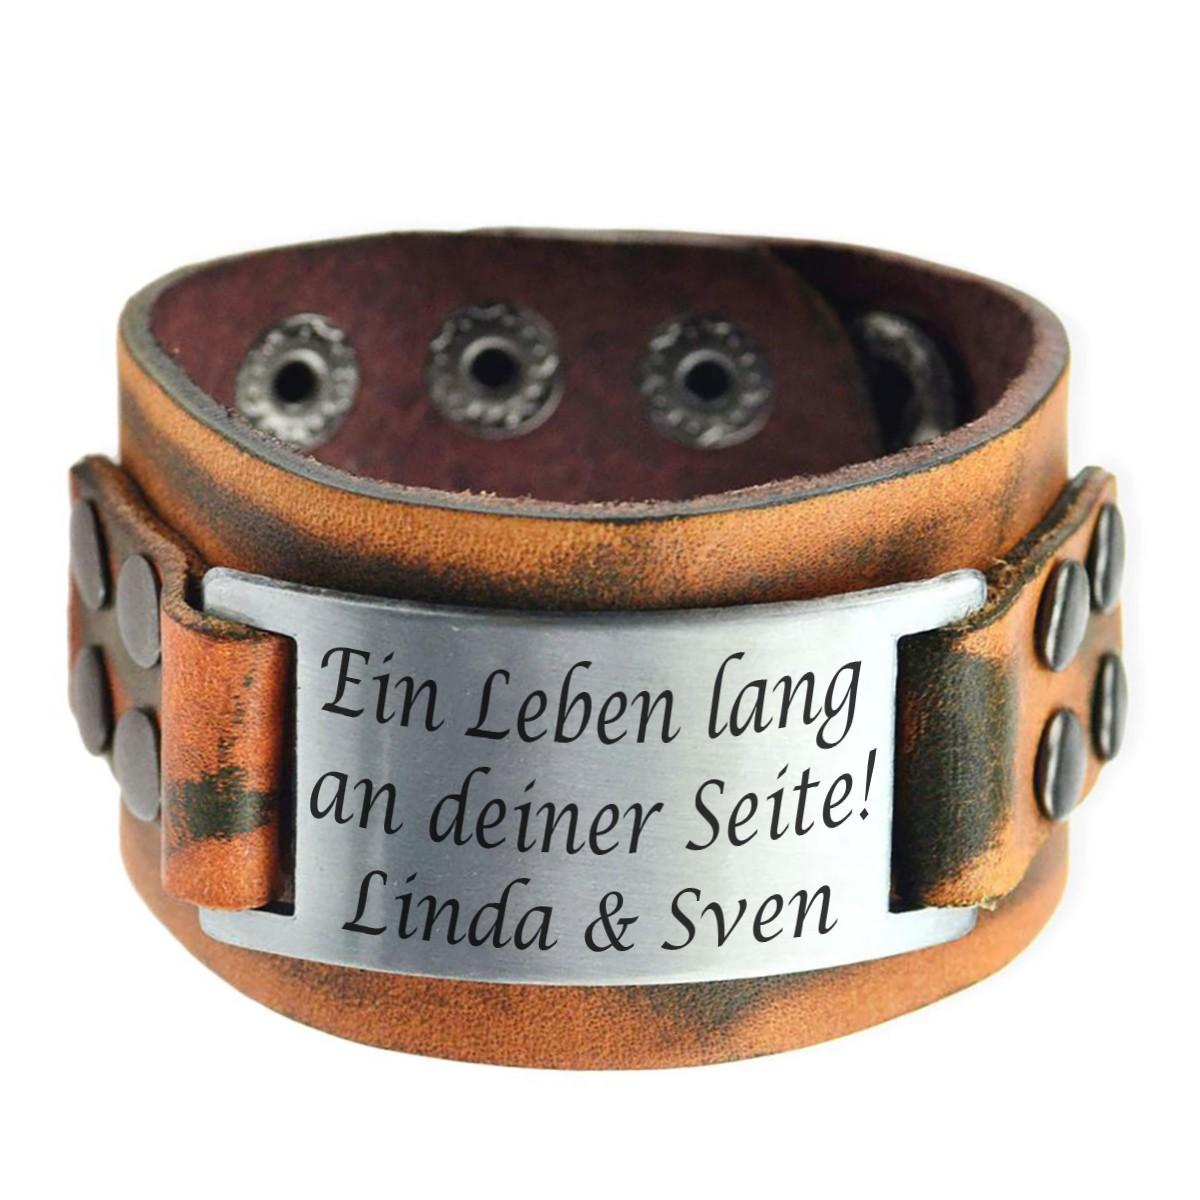 Edelstahl Armband mit Gravur Wunschgravur auf Gravurplatte